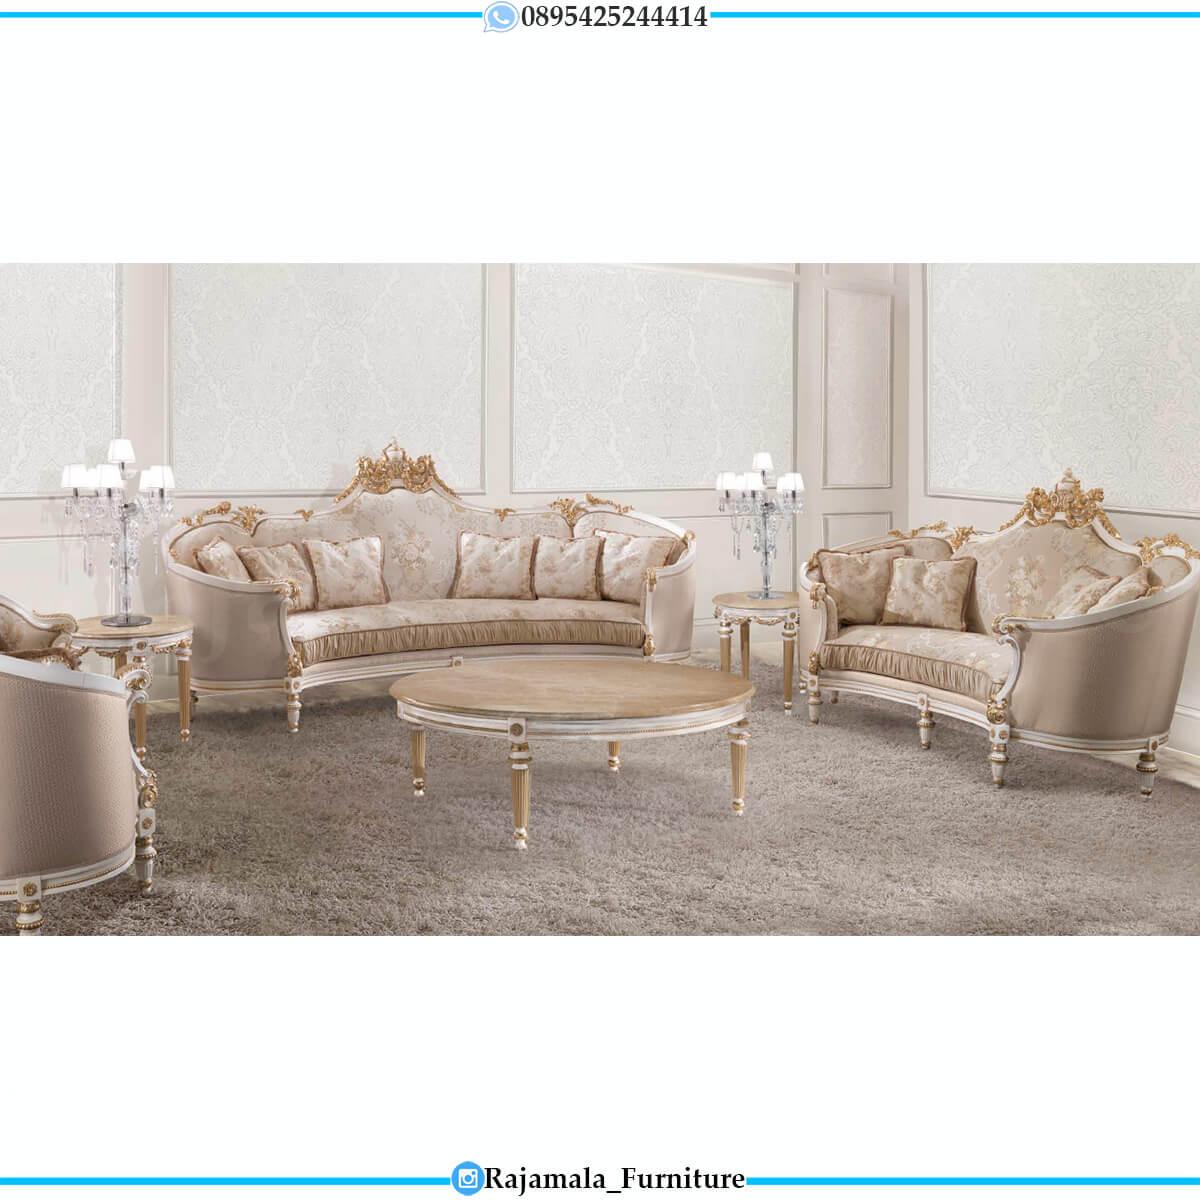 Sofa Tamu Mewah Klasik Luxury Crown Carving Duco Color RM-0747